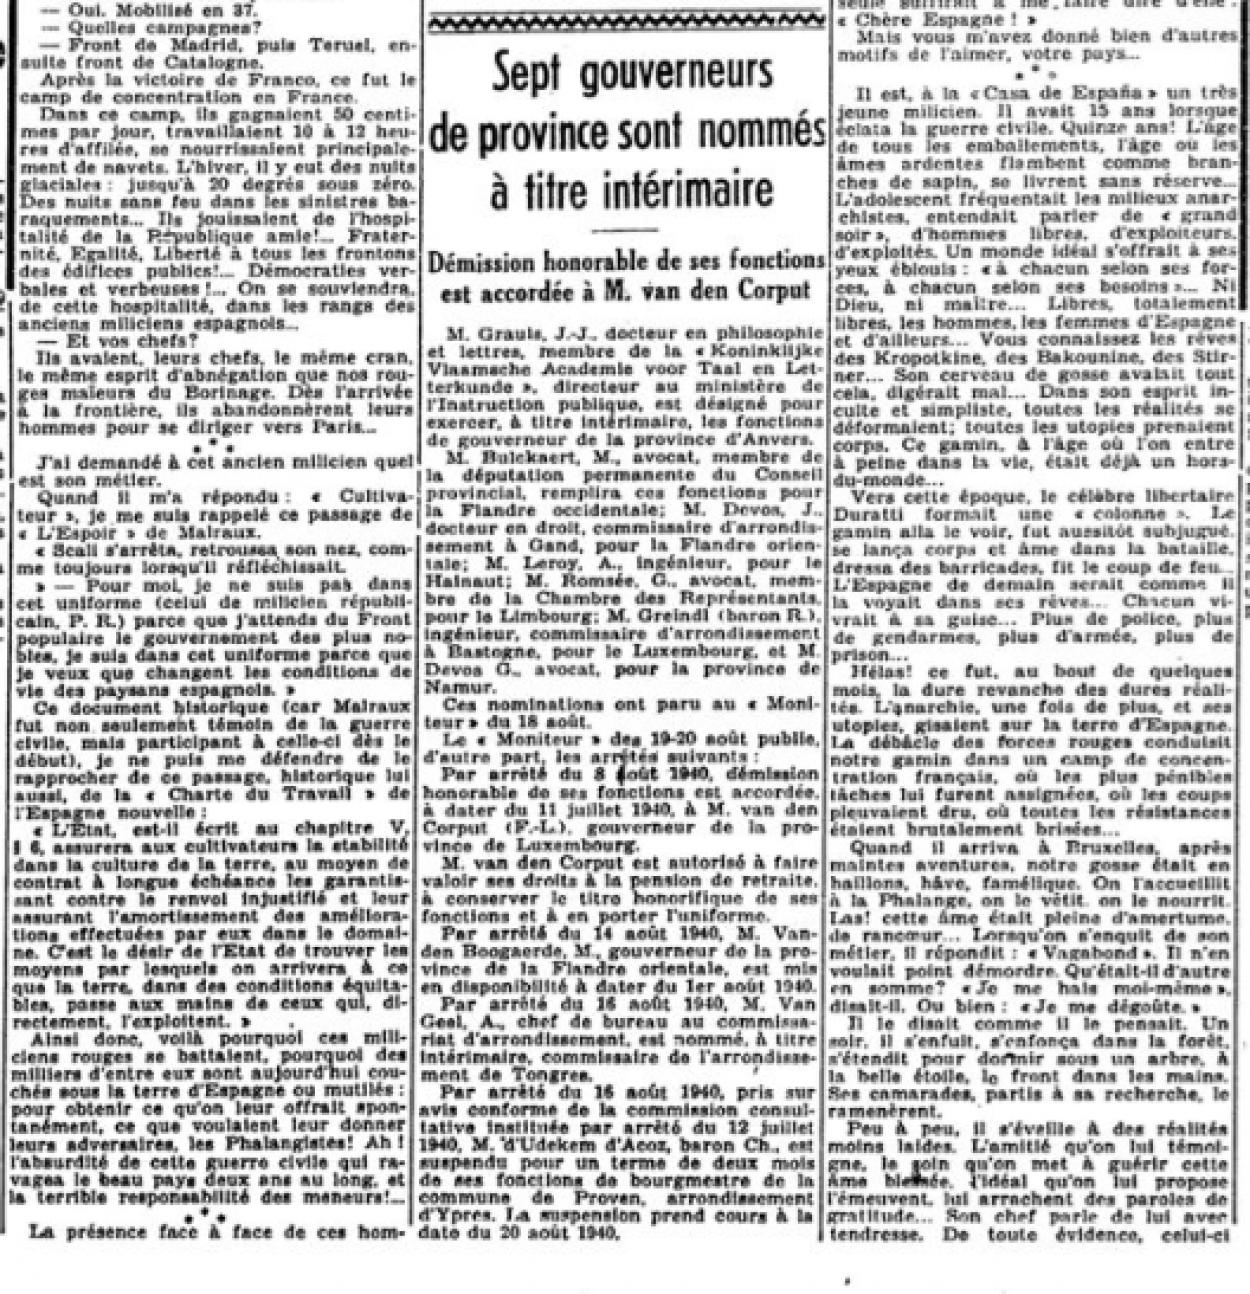 le-soir-21-8-1940-p-2.png